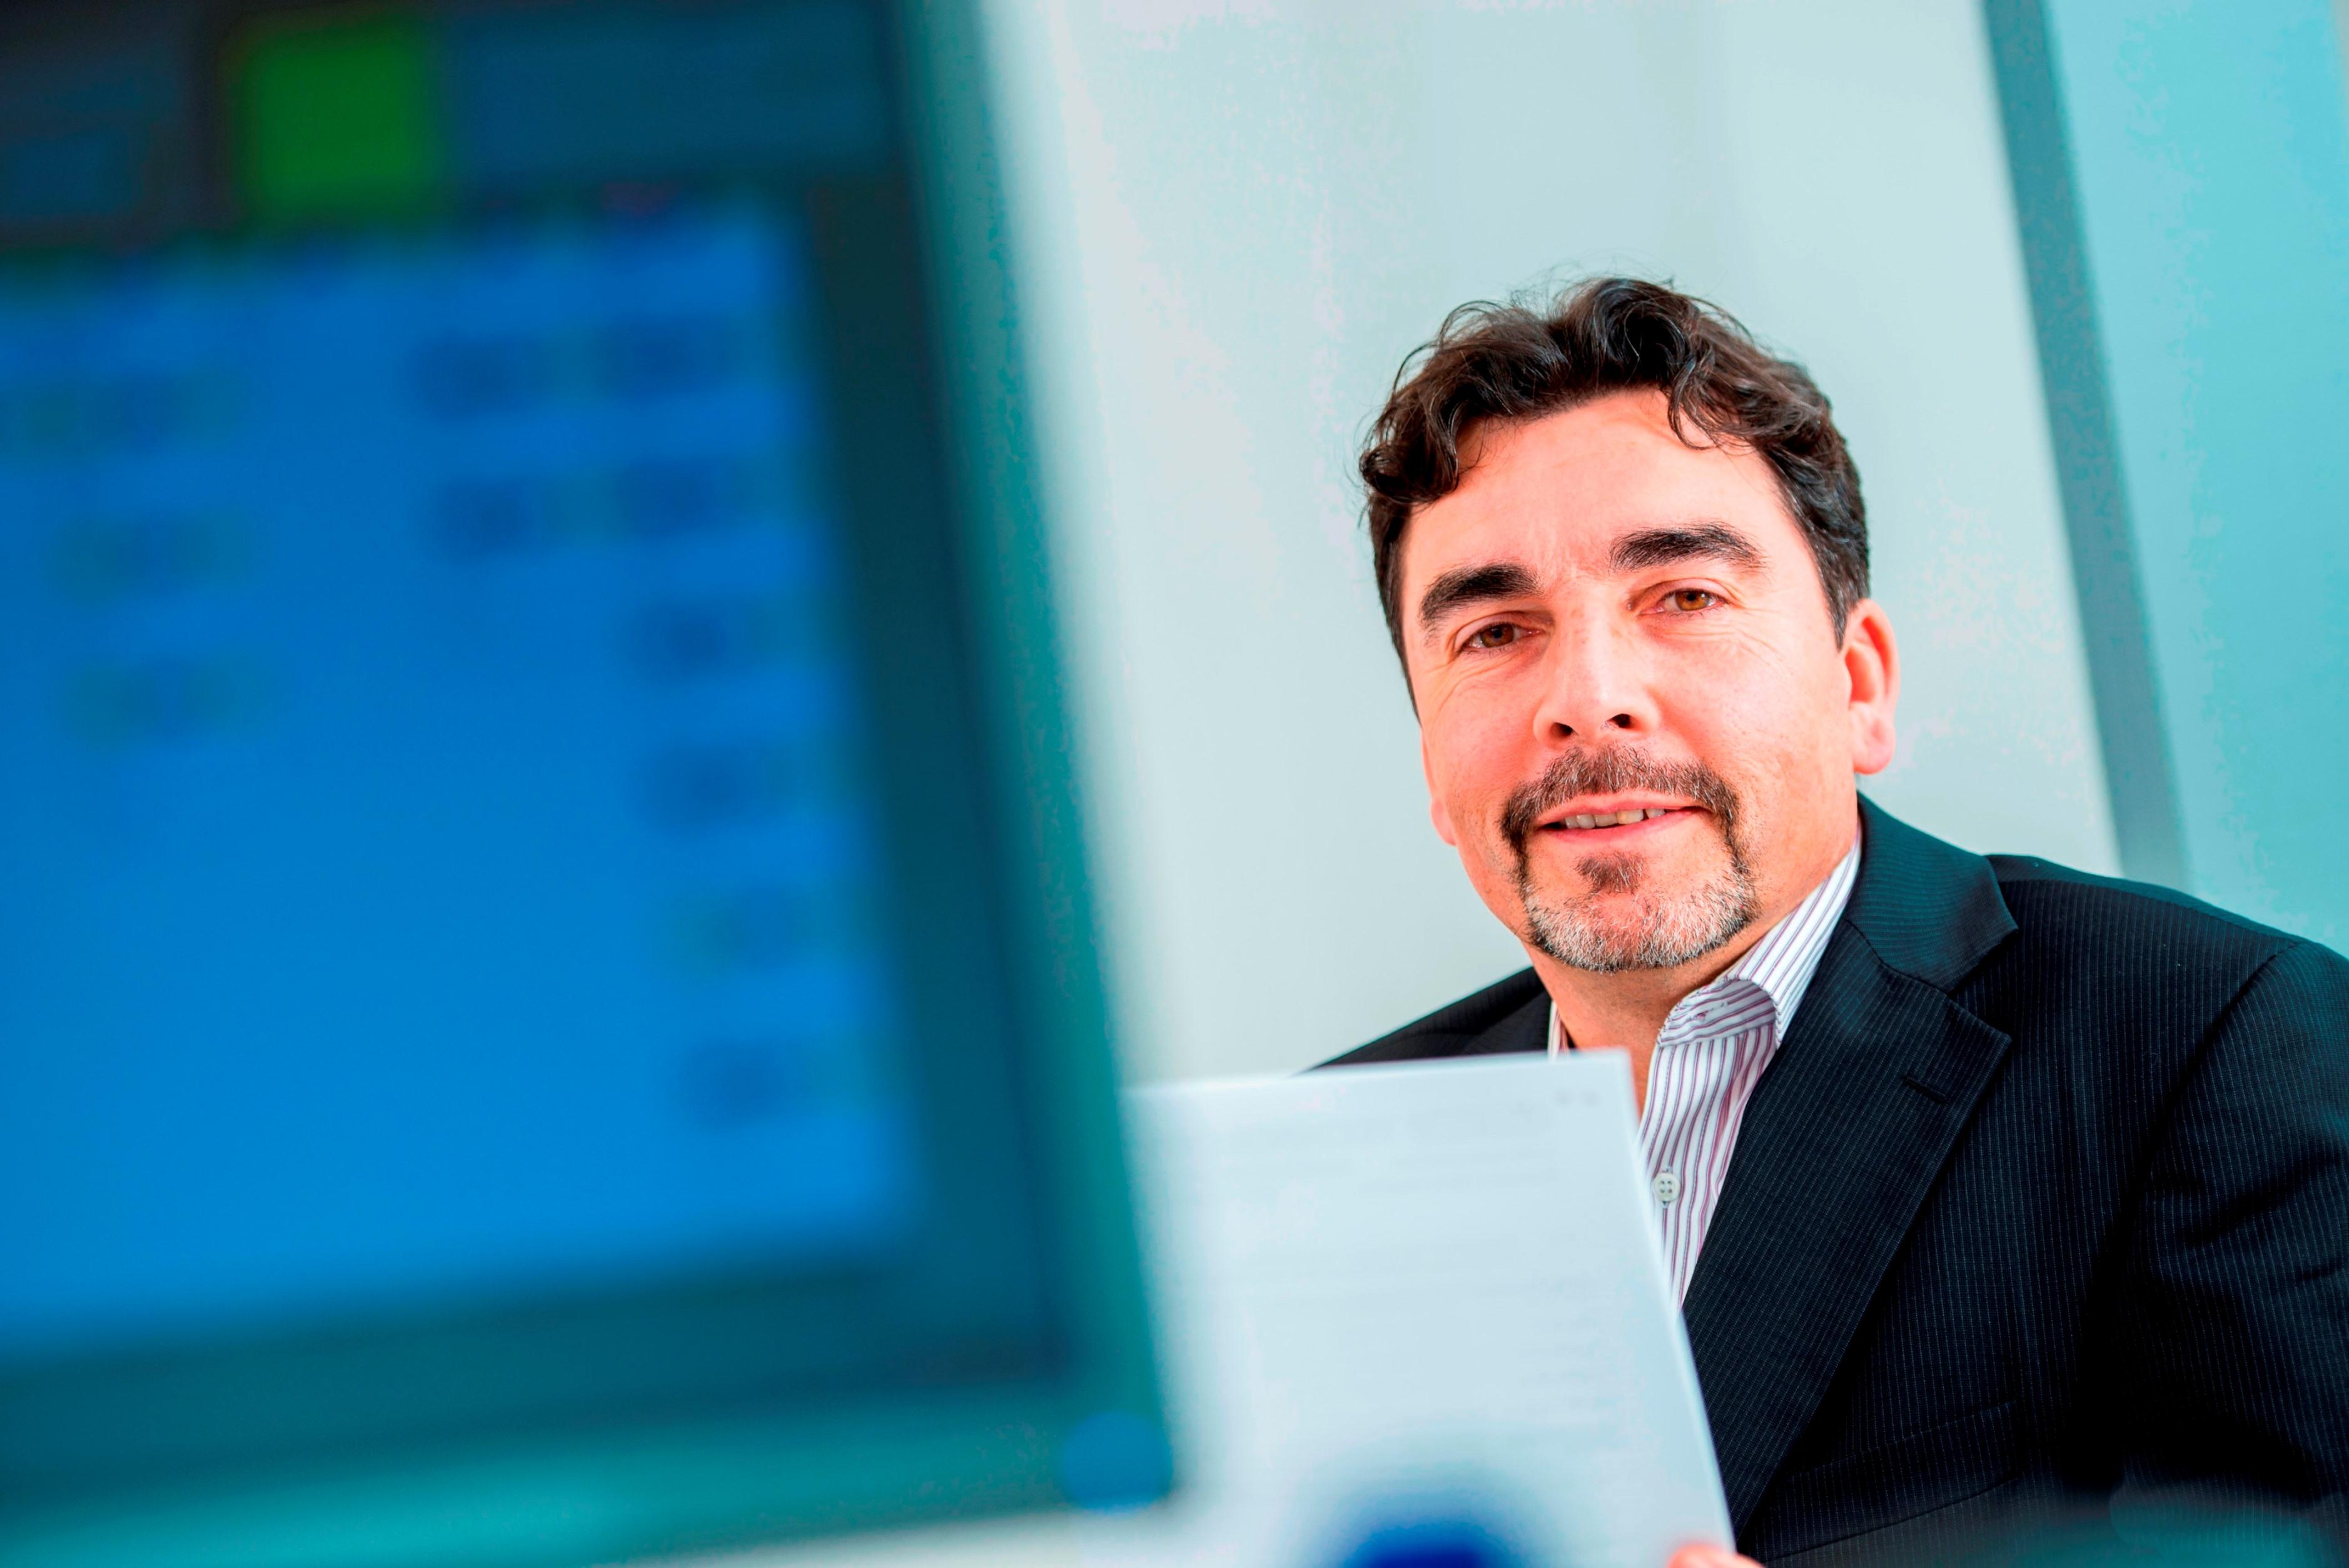 """Thomas Lehmann, Geschäftsführer von Jung & Co.: """"Wenn man berechnet, was der Stillstand einer Hochleistungsabfüllanlage pro Stunde bedeutet, dann ist eine 3D-Lösung deutlich günstiger als eine konventionelle Lösung."""" Bild: Jung & Co."""